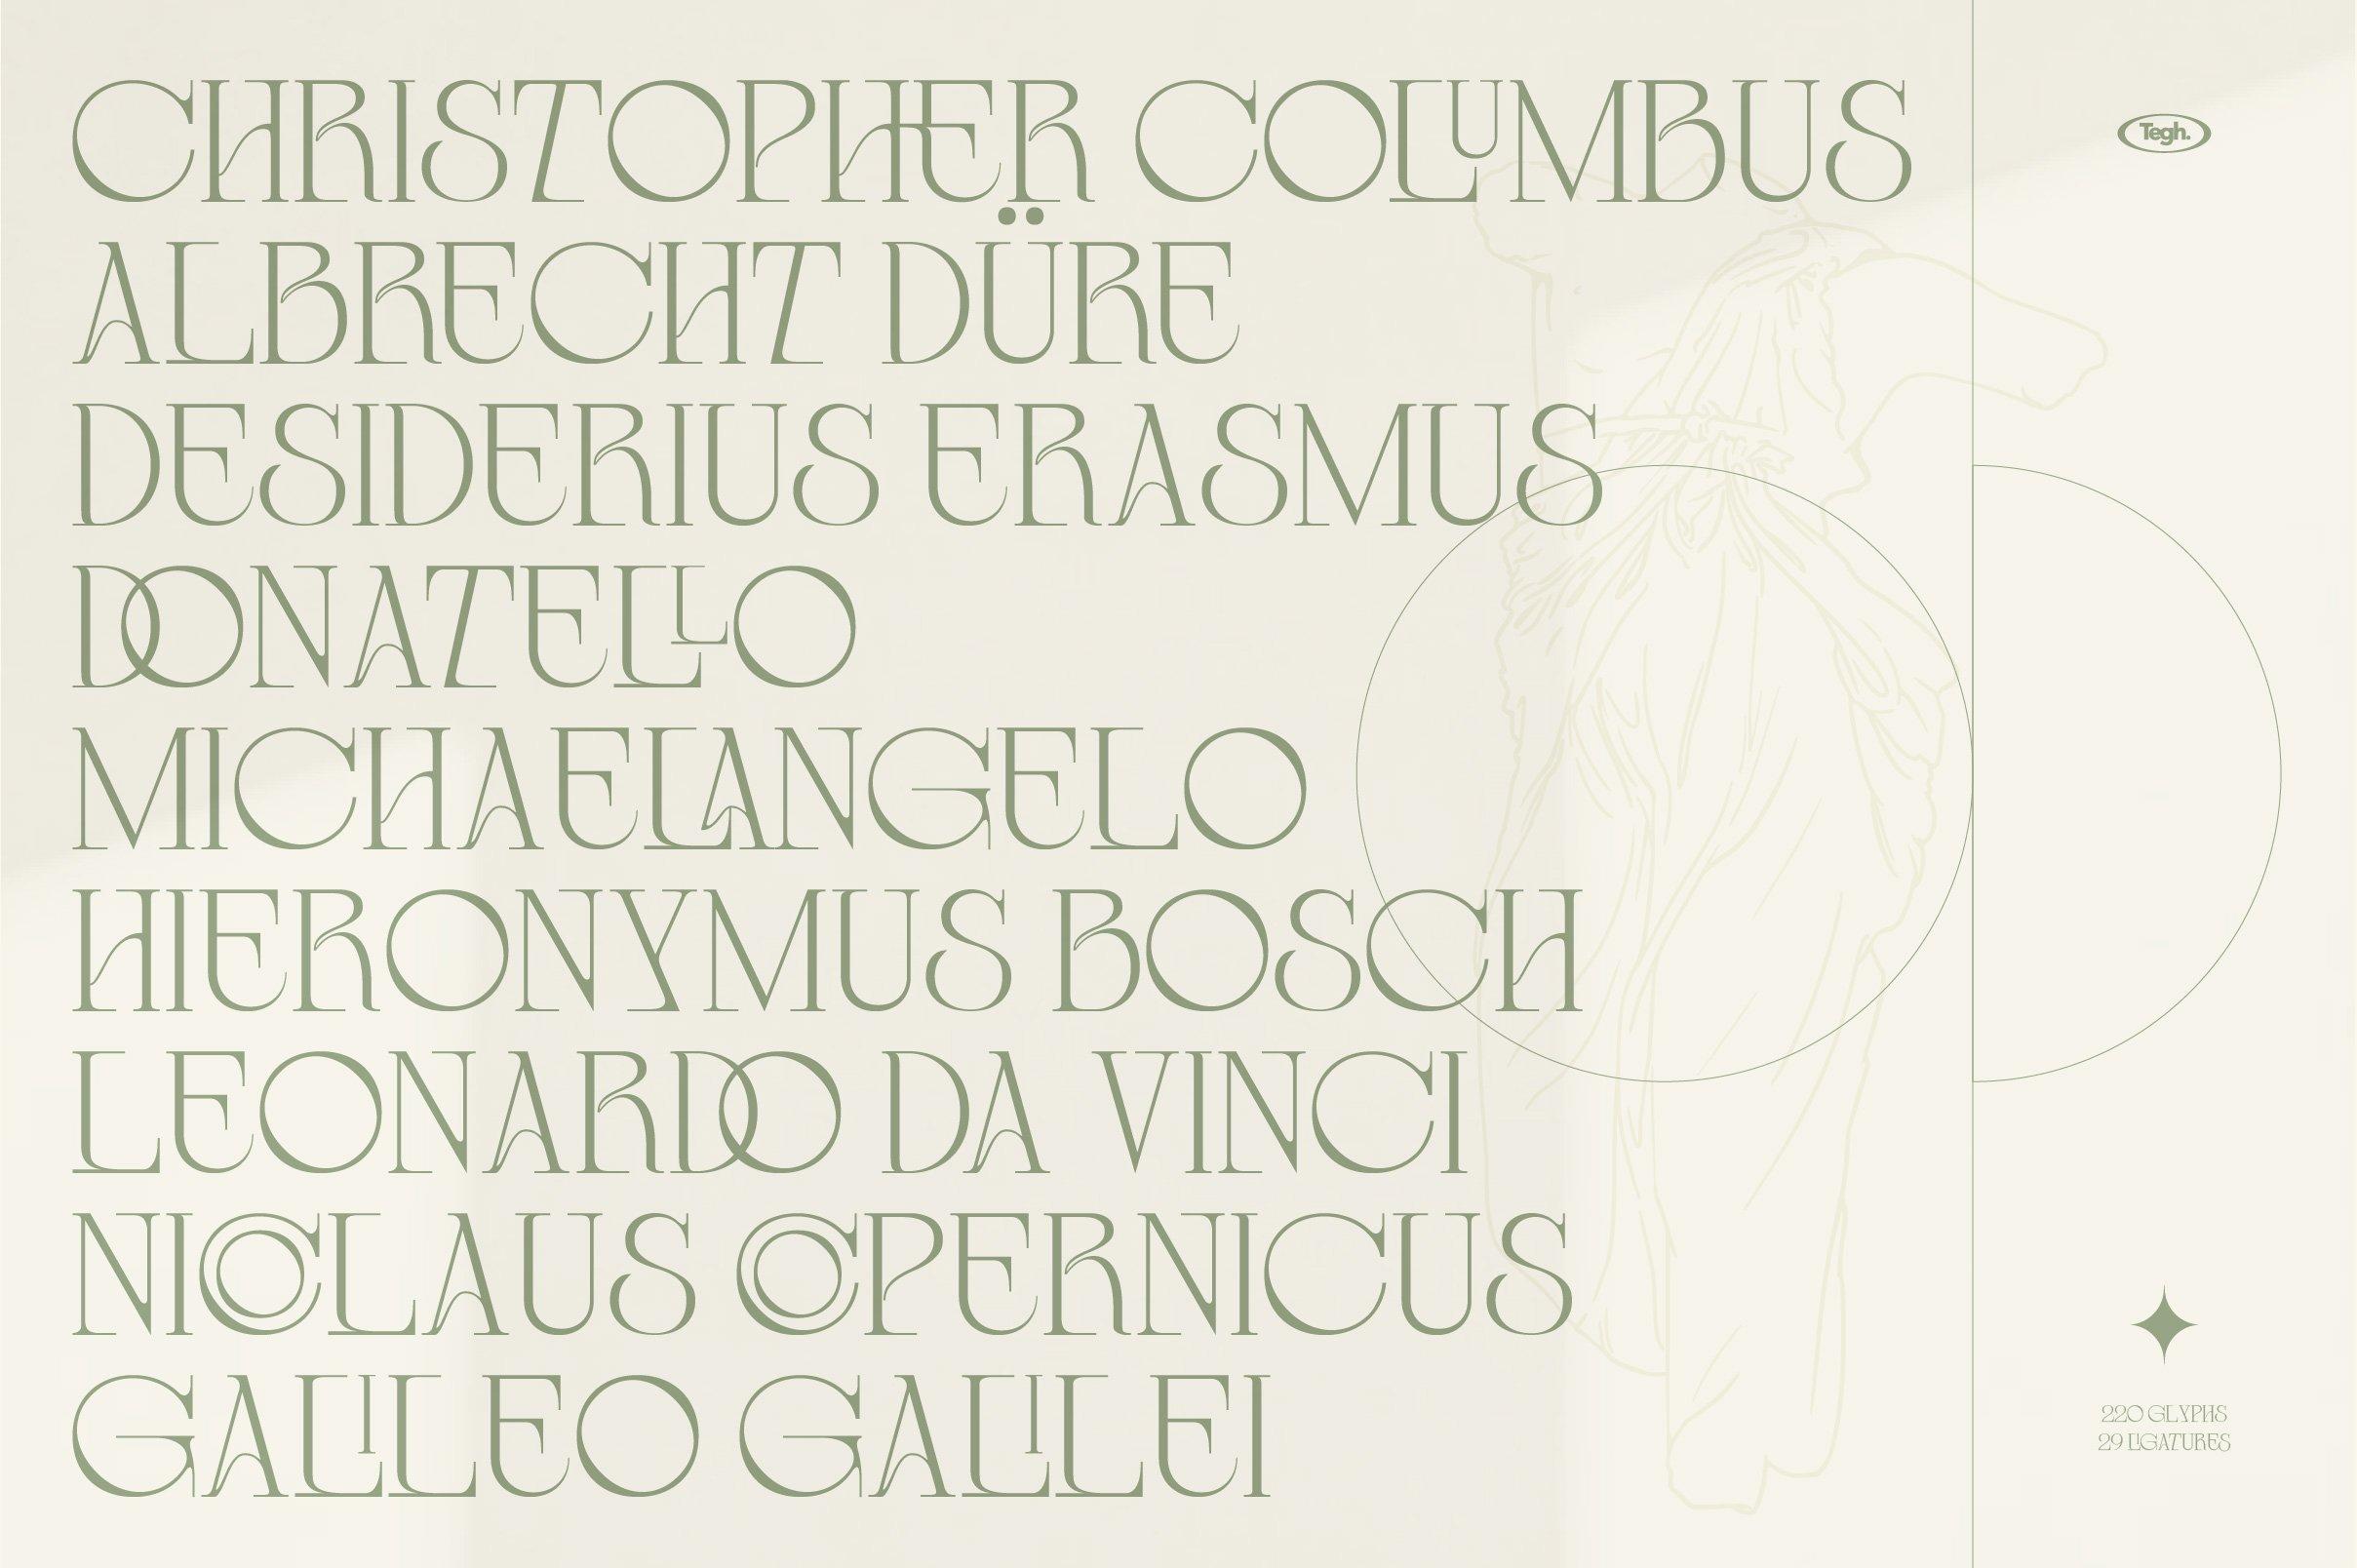 优雅复古杂志海报标题徽标Logo设计衬线英文字体素材 Coolumbus Modern Serif Font插图1